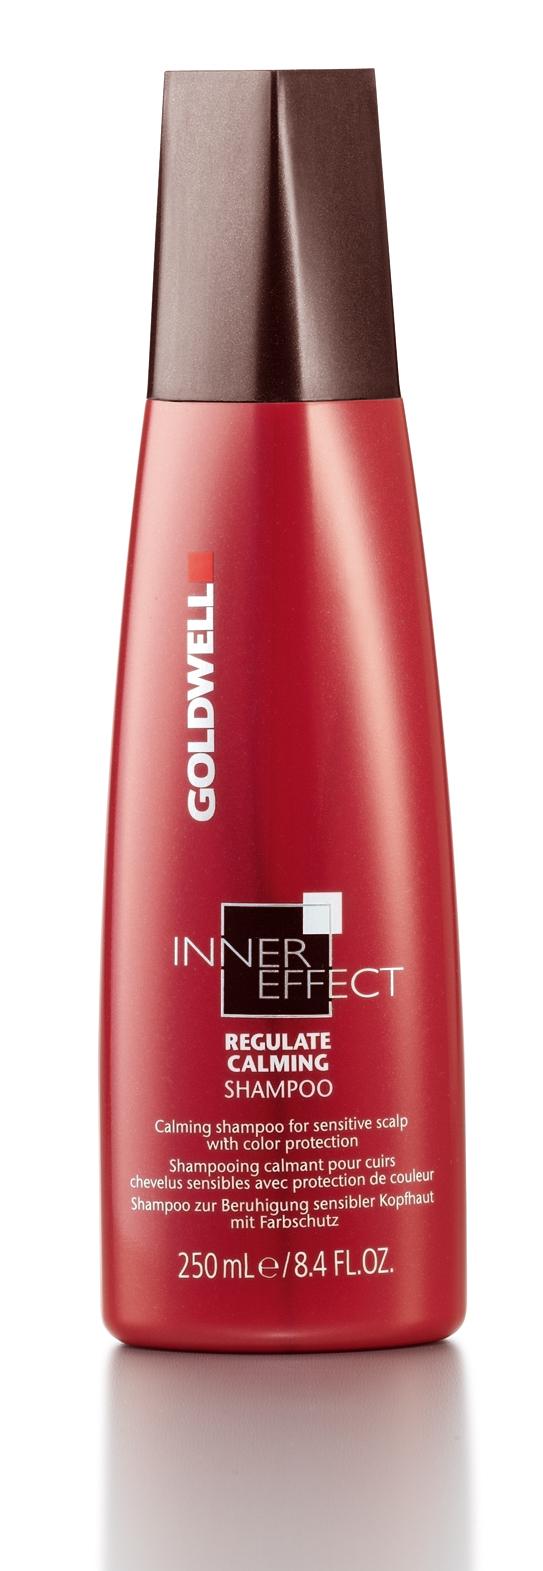 Goldwell Innereffect Regulate Calming Shampoo